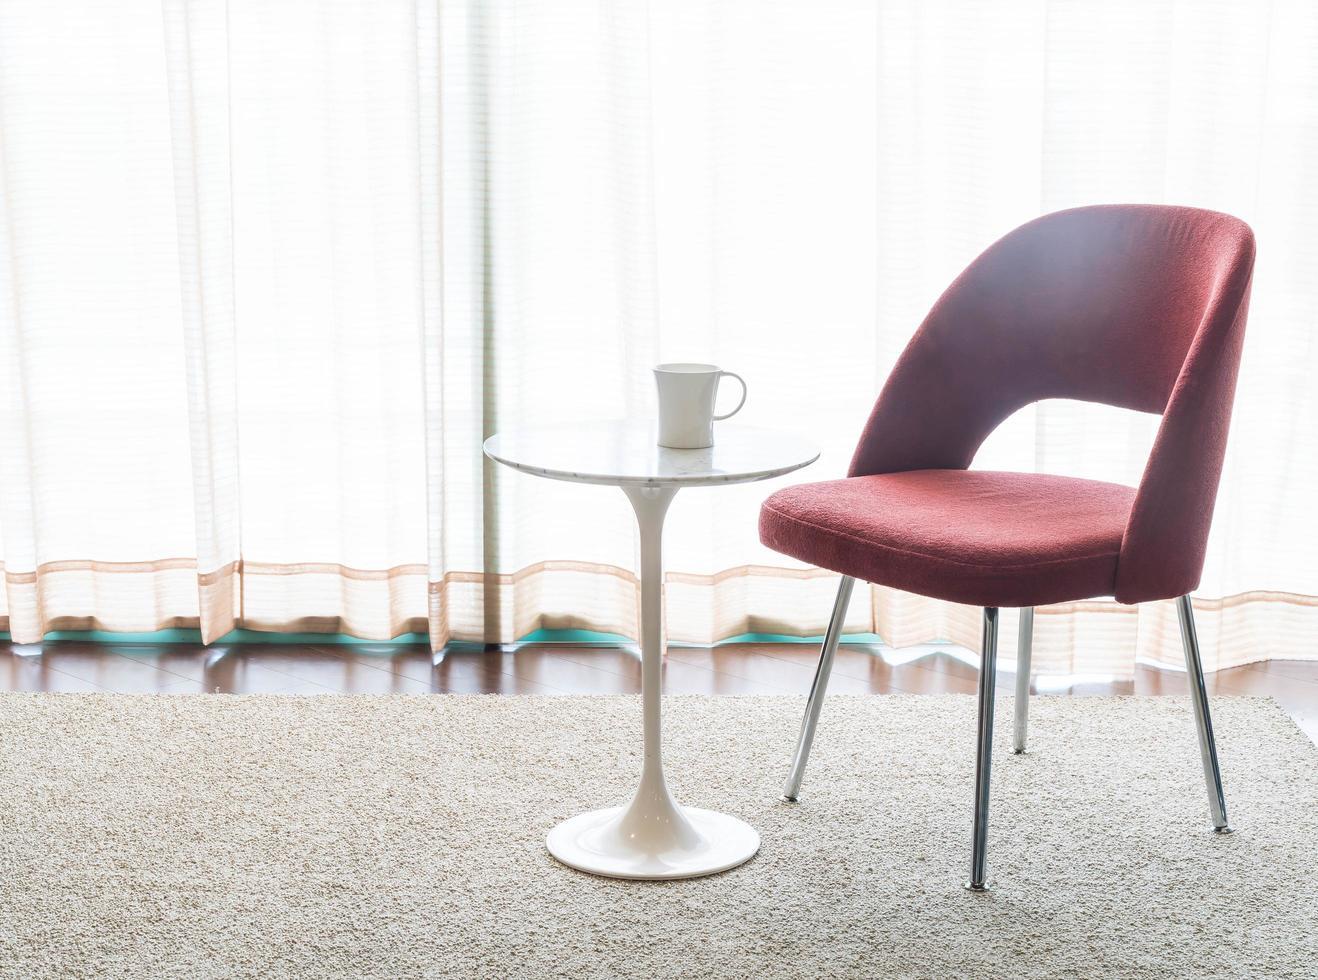 sedia rossa e tavolo con una tazza di caffè foto